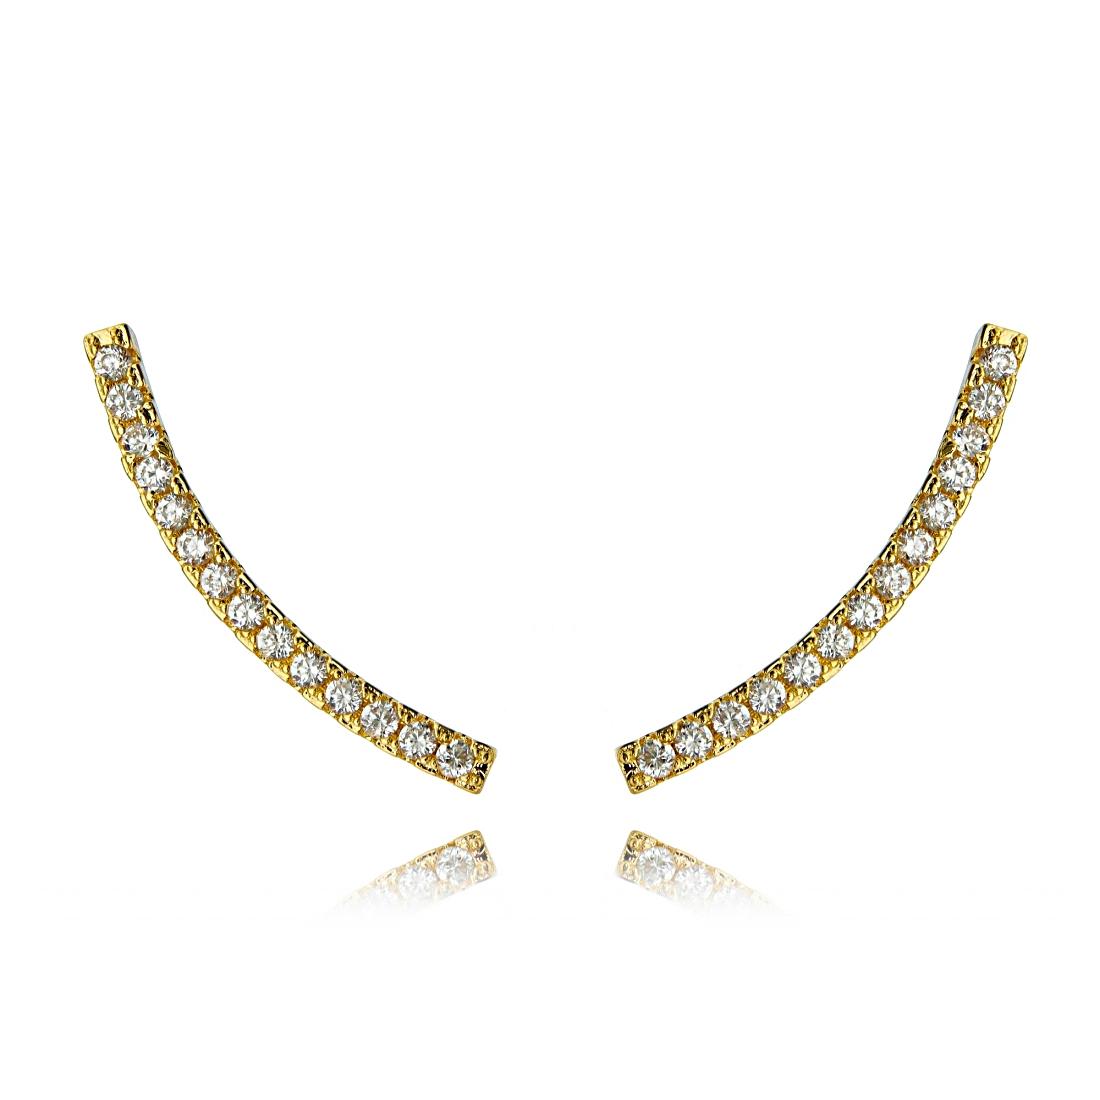 Ear Cuff Palito Dourado Zircônia Branca Semijoia da Moda Ouro  - Soloyou